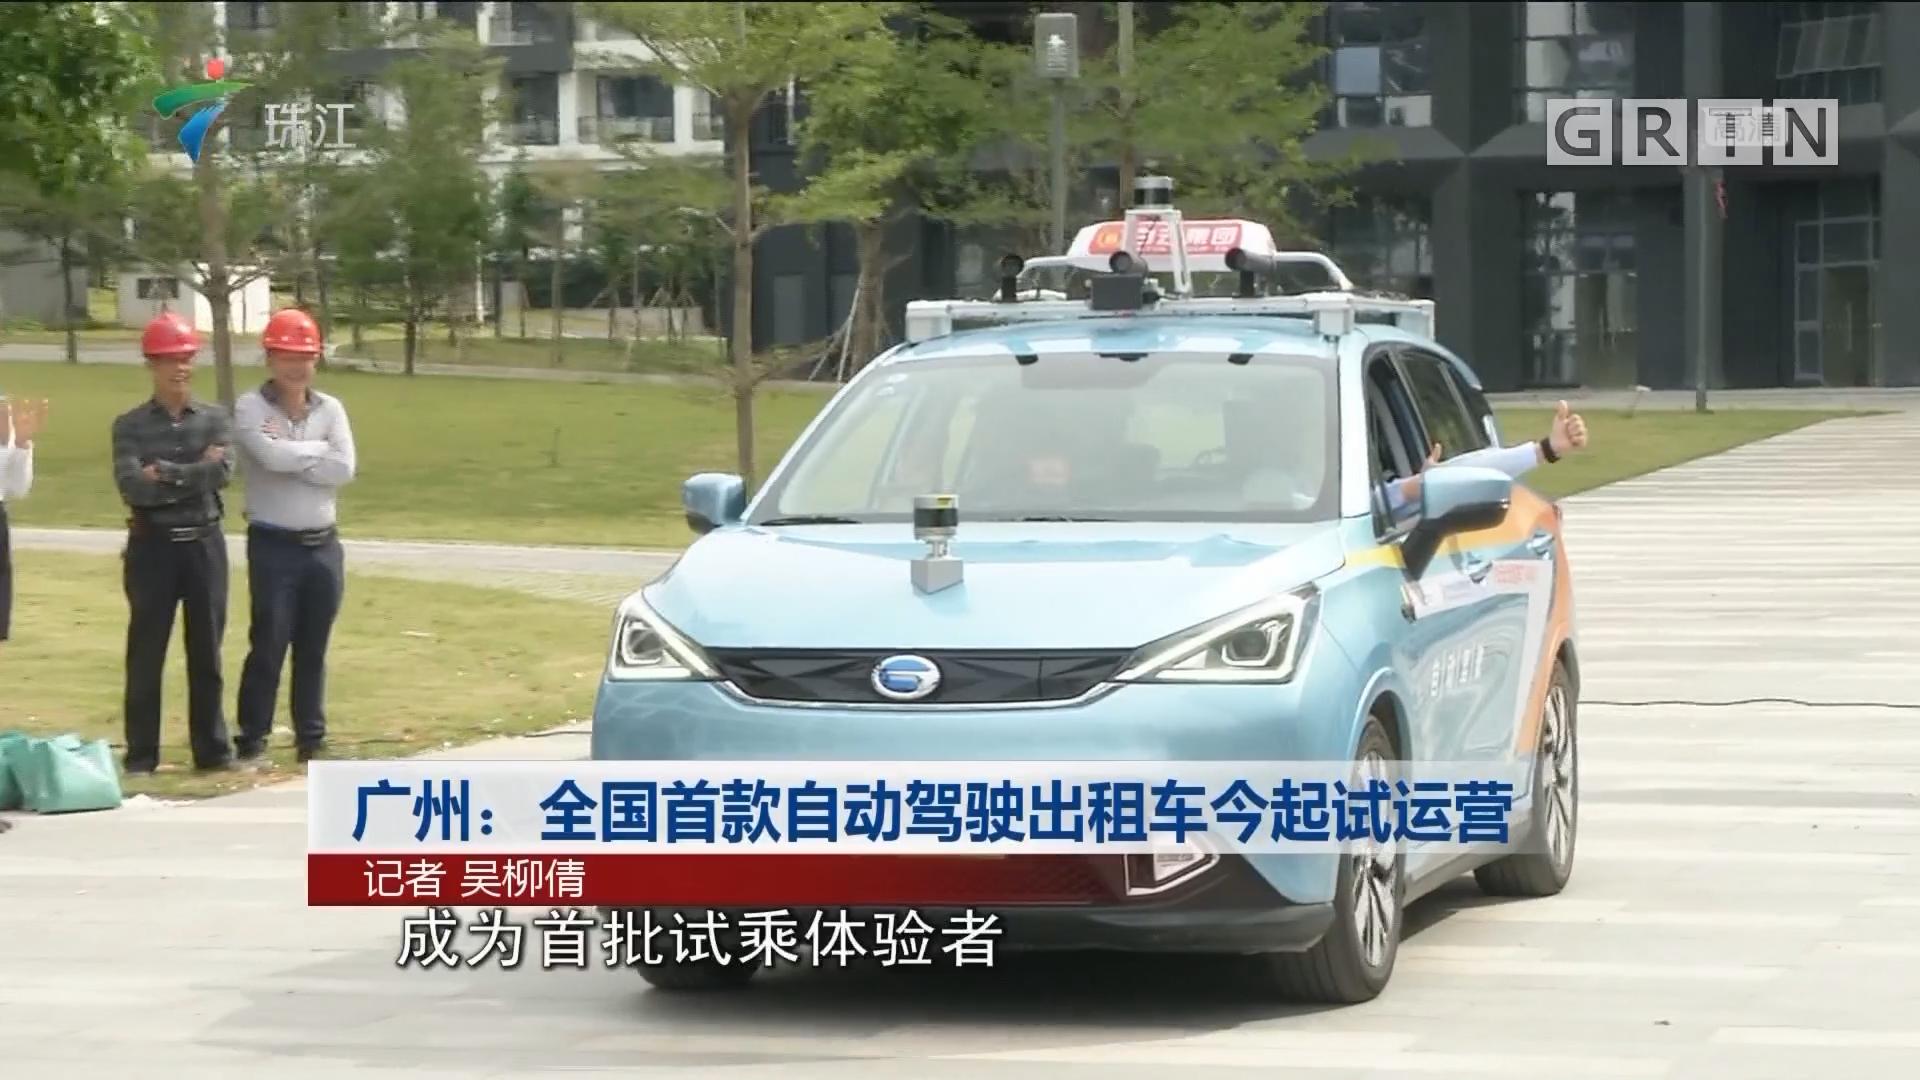 广州:全国首款自动驾驶出租车今起试运营